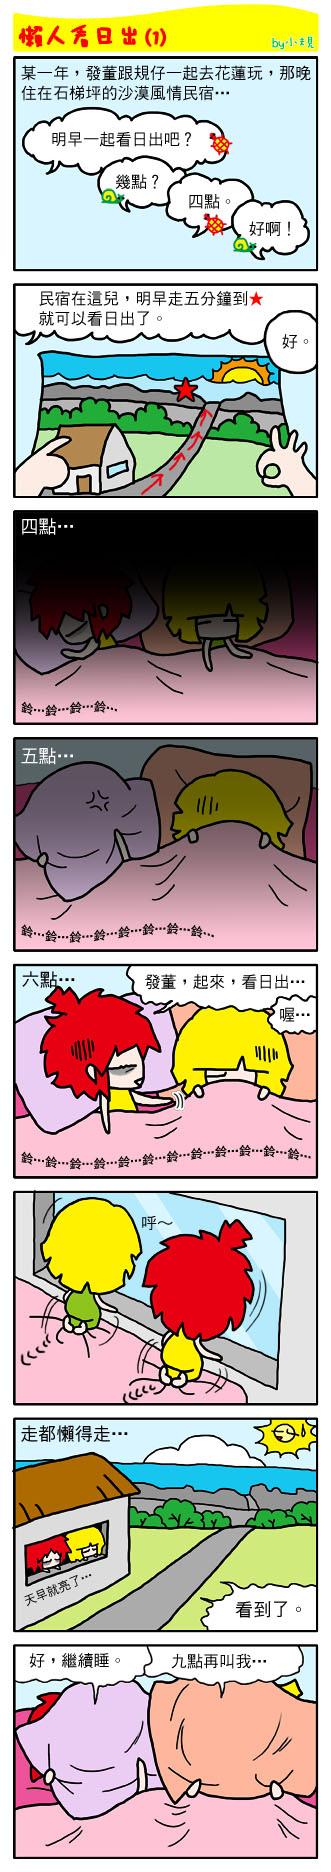 懶人看日出(1)